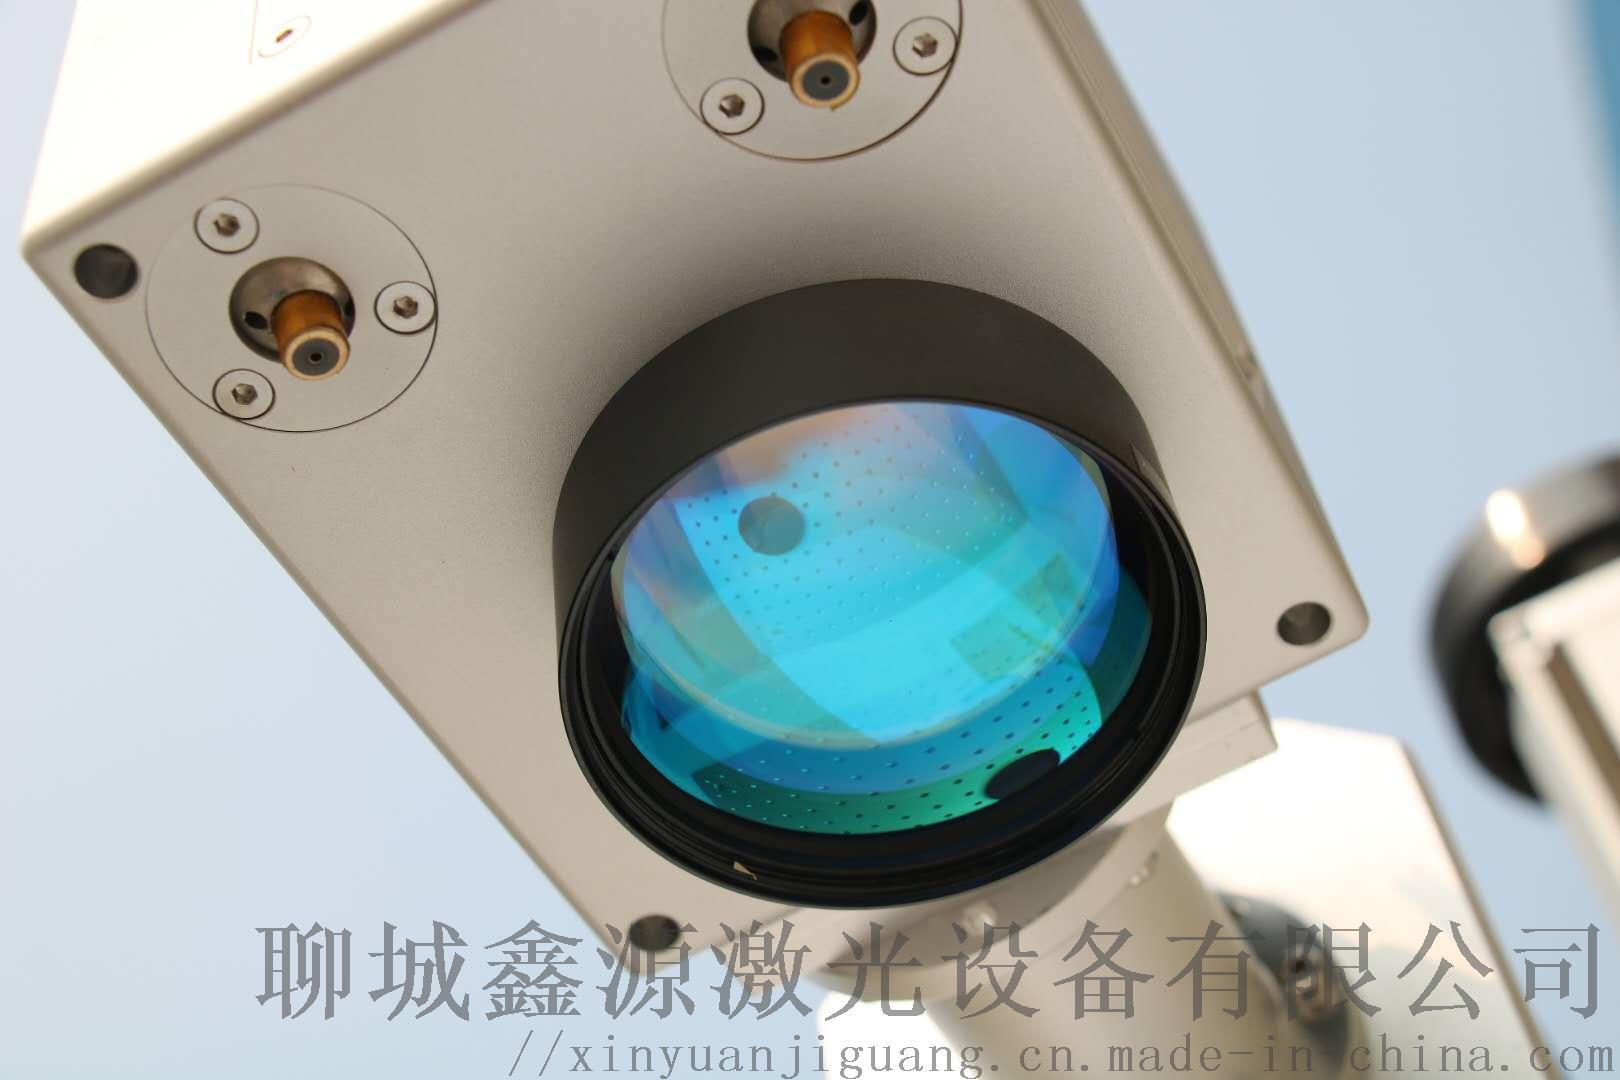 茶叶包装商标雕刻机小型光纤激光打标机92857562